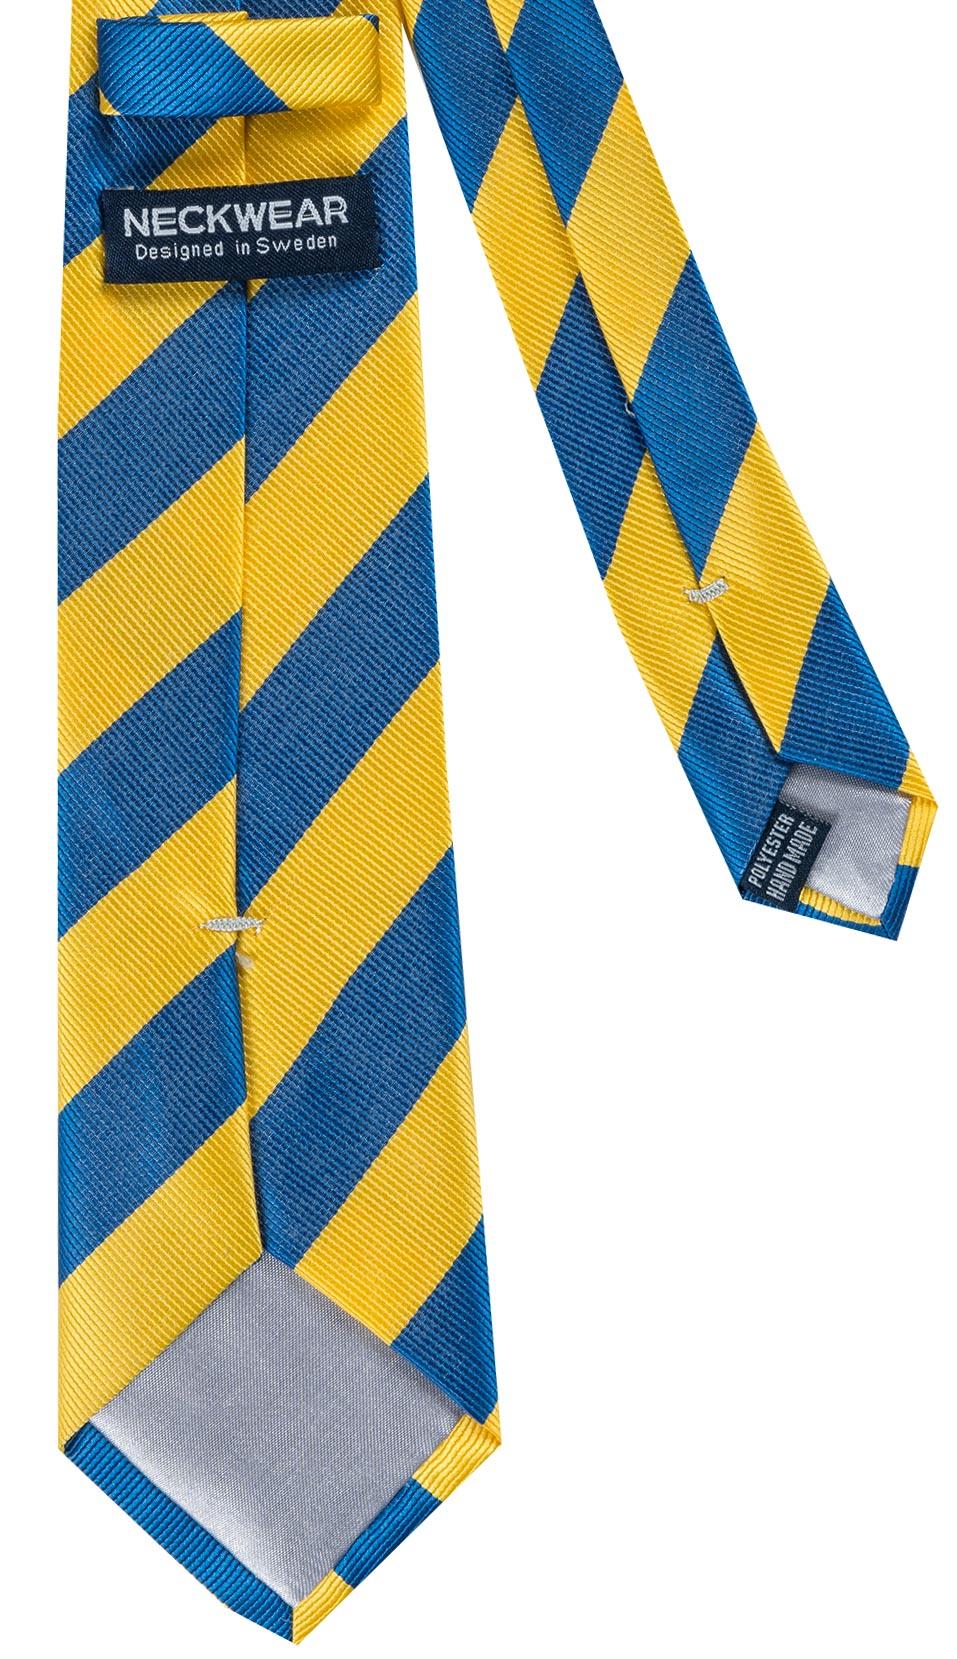 Sverigeslips gul   blå - Köp slips i sveriges färger  8ee360ed0b5cb